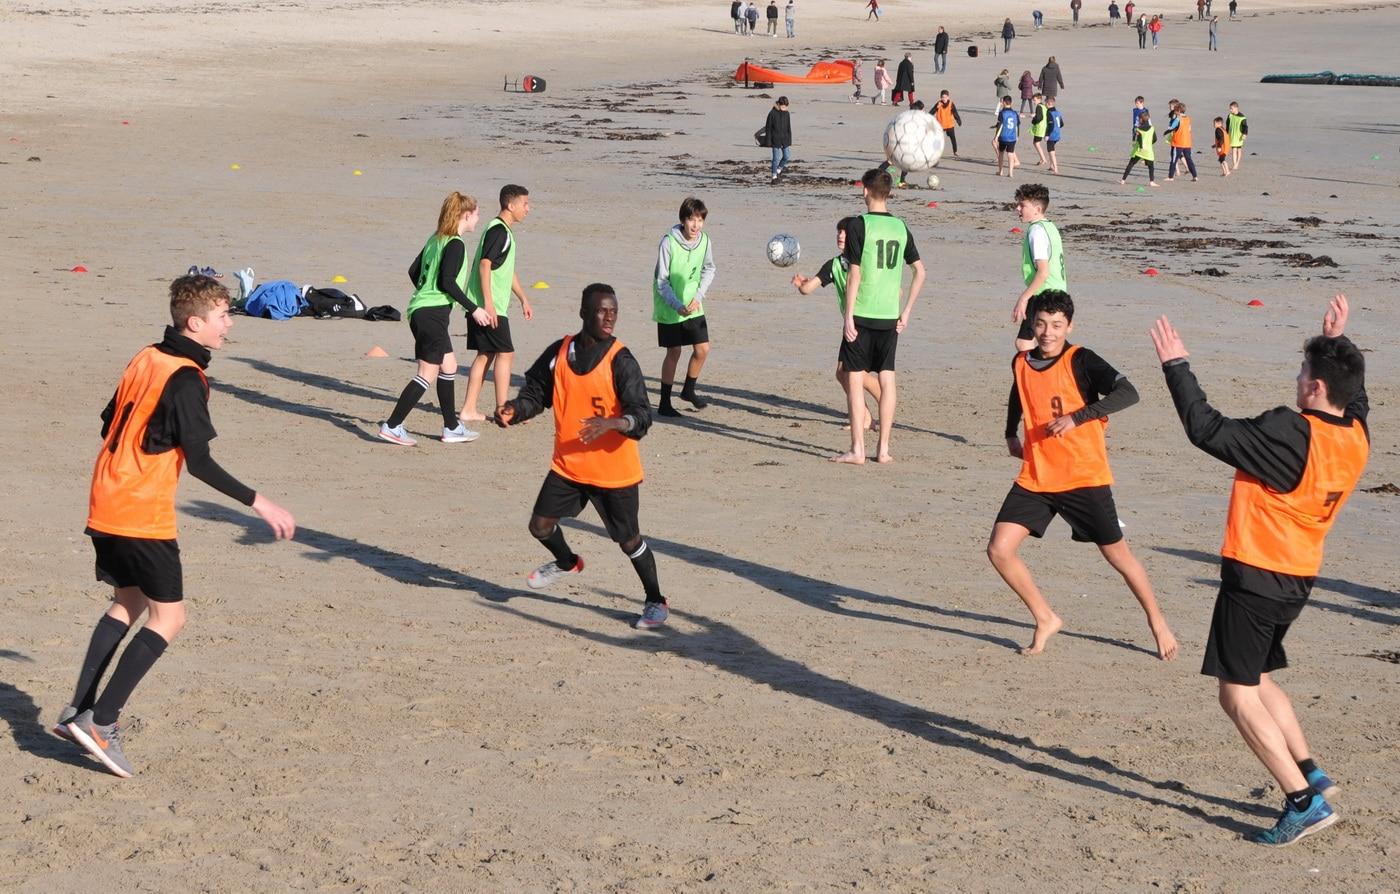 stage de Pâques 2019 Beach soccer jeu plaisir technique appuis sable